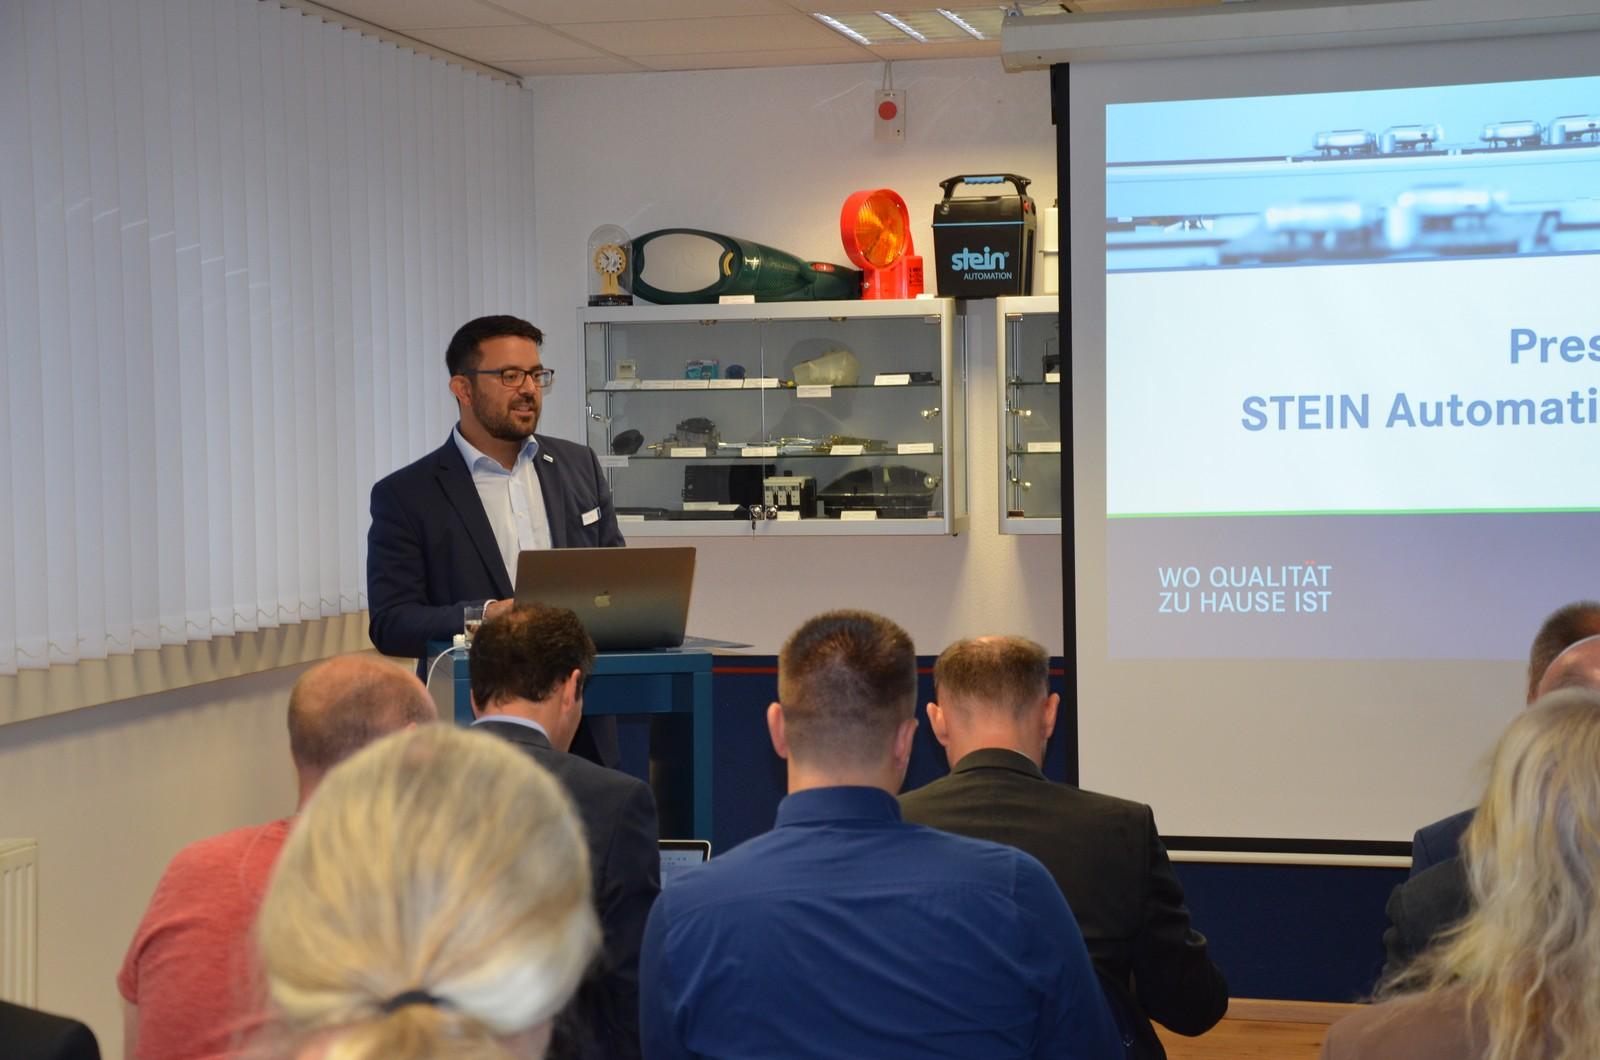 Vermittelte einen Einblick in die Transfertechnik der Zukunft: Jürgen Noailles, Geschäftsführer von Stein Automation.